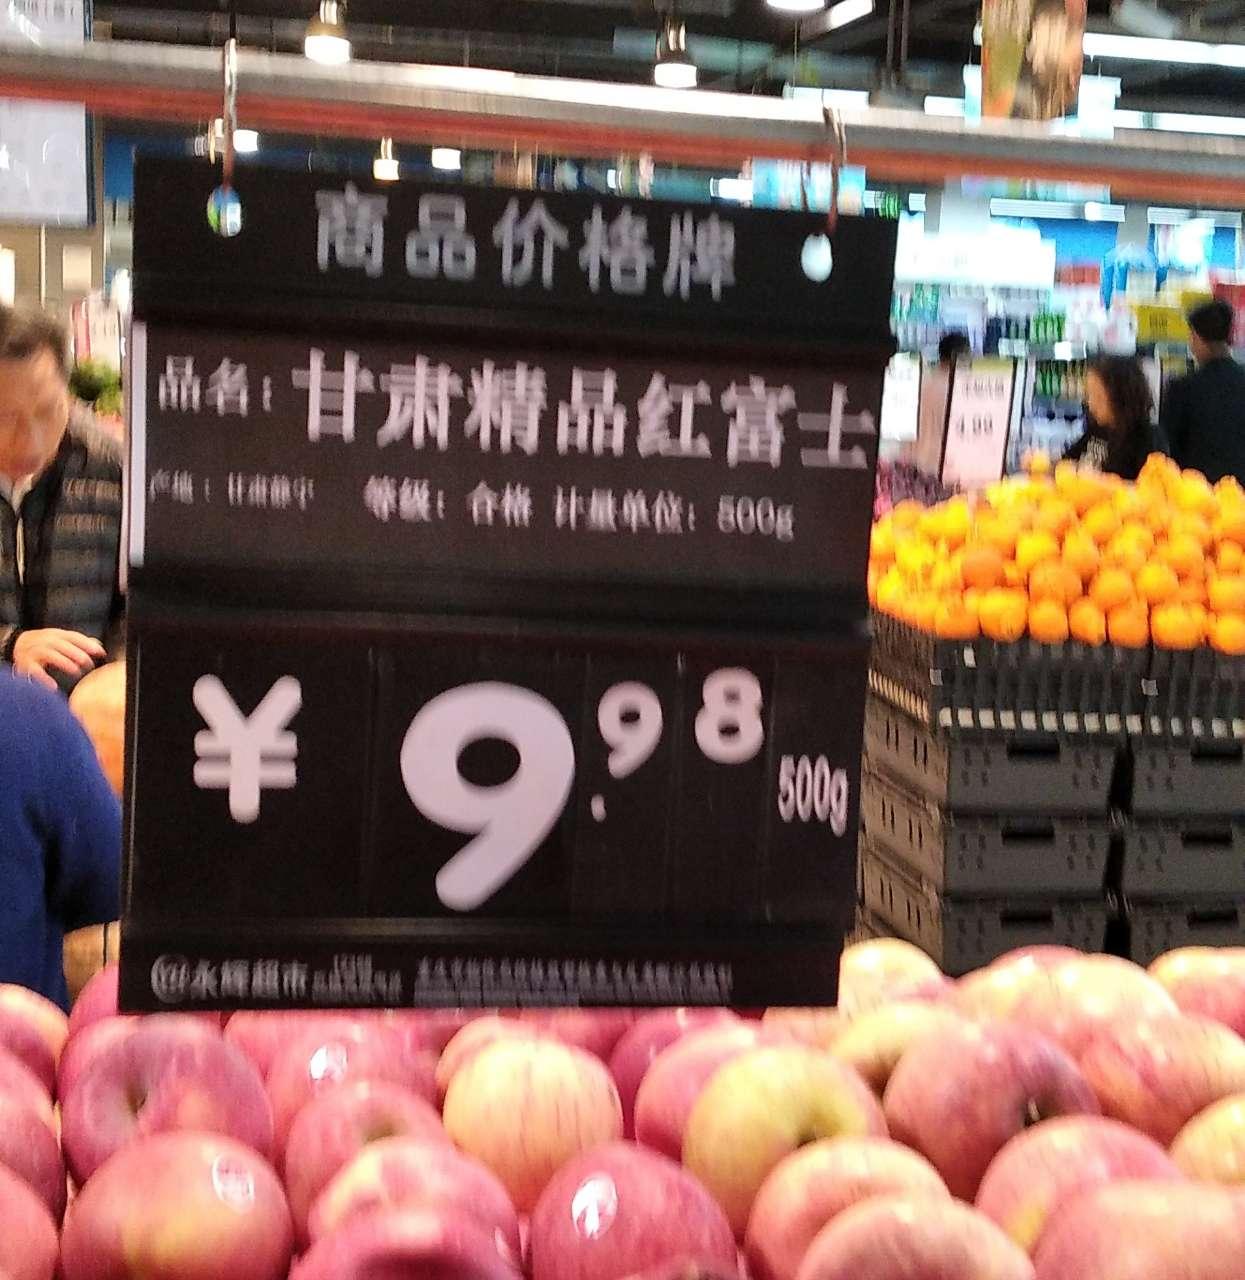 梁平现在猪肉价几乎等于苹果价,大家说说是吃猪肉还是吃苹果更划算?